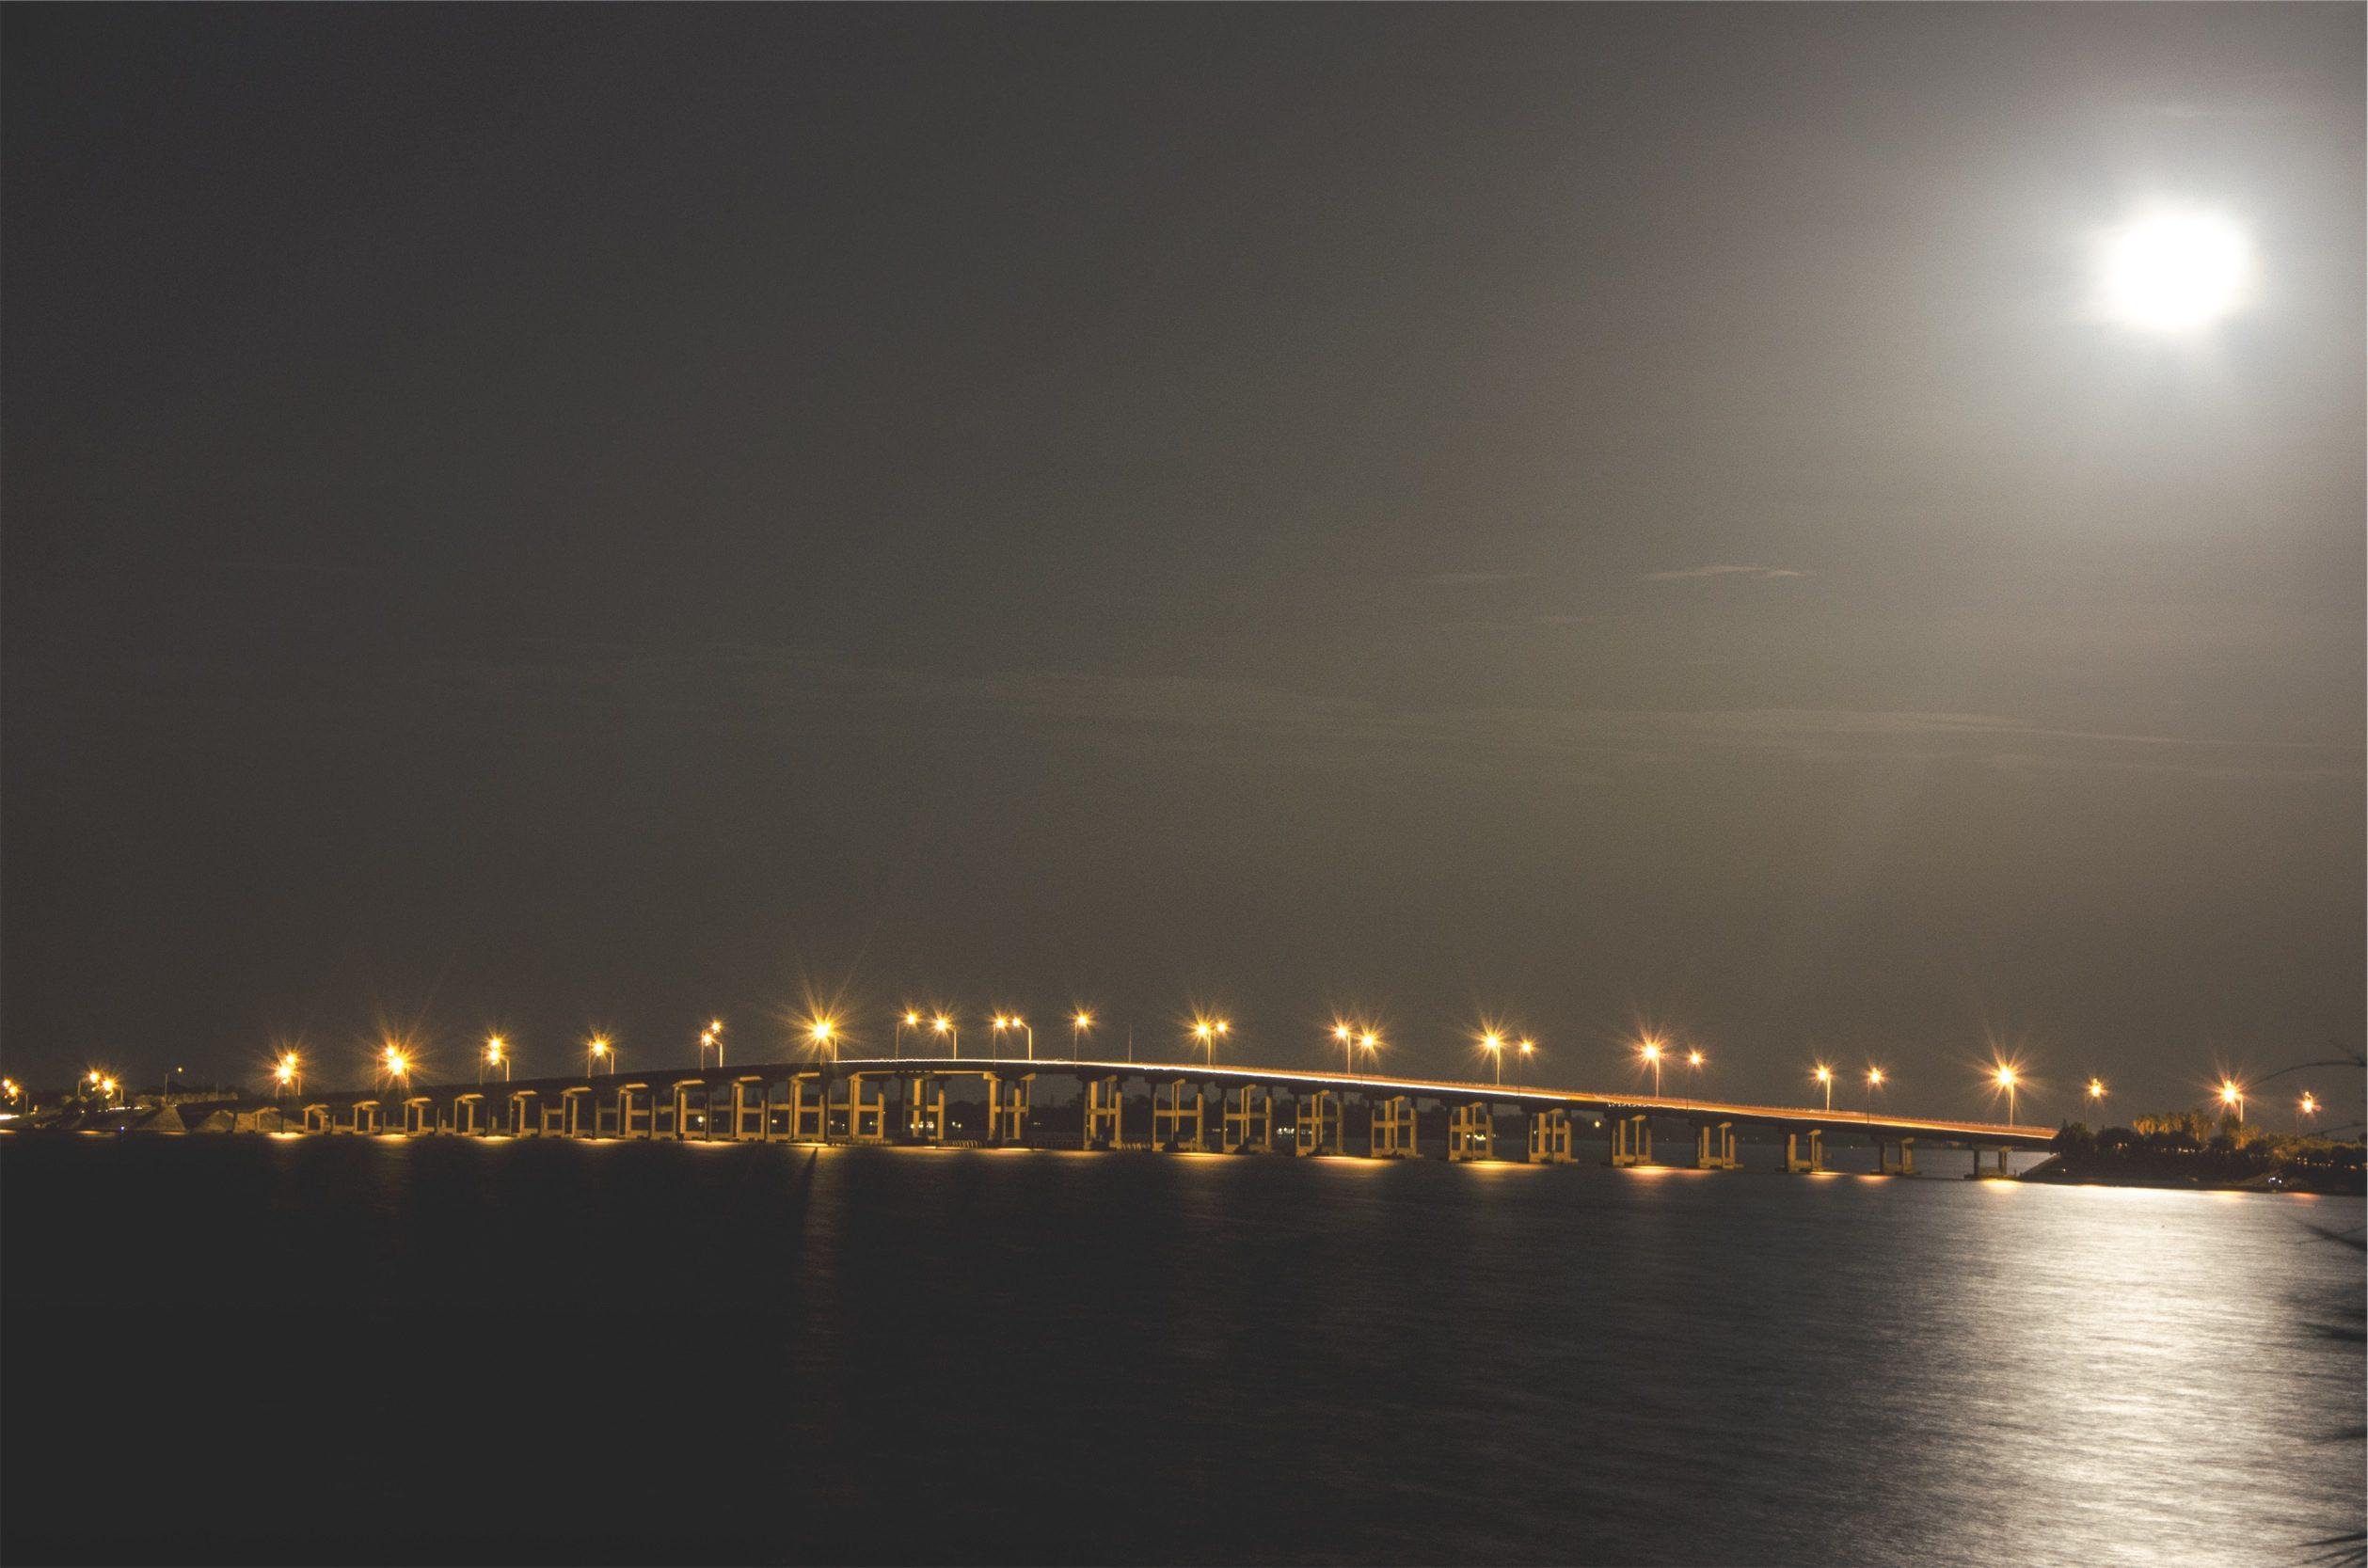 Lune, pont, nuit, Mer, lumières - Fonds d'écran HD - Professor-falken.com